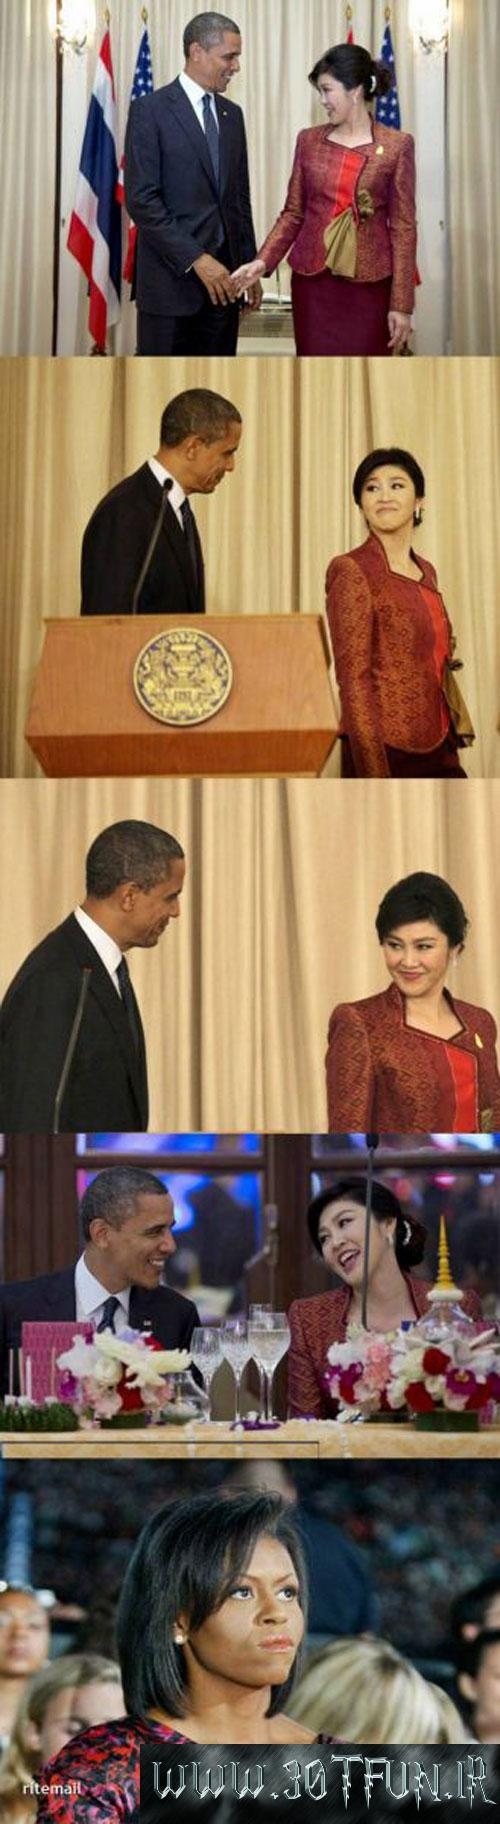 عکس دختر برهنه در بغل گلزار؟+کار زشت اوباما! 1